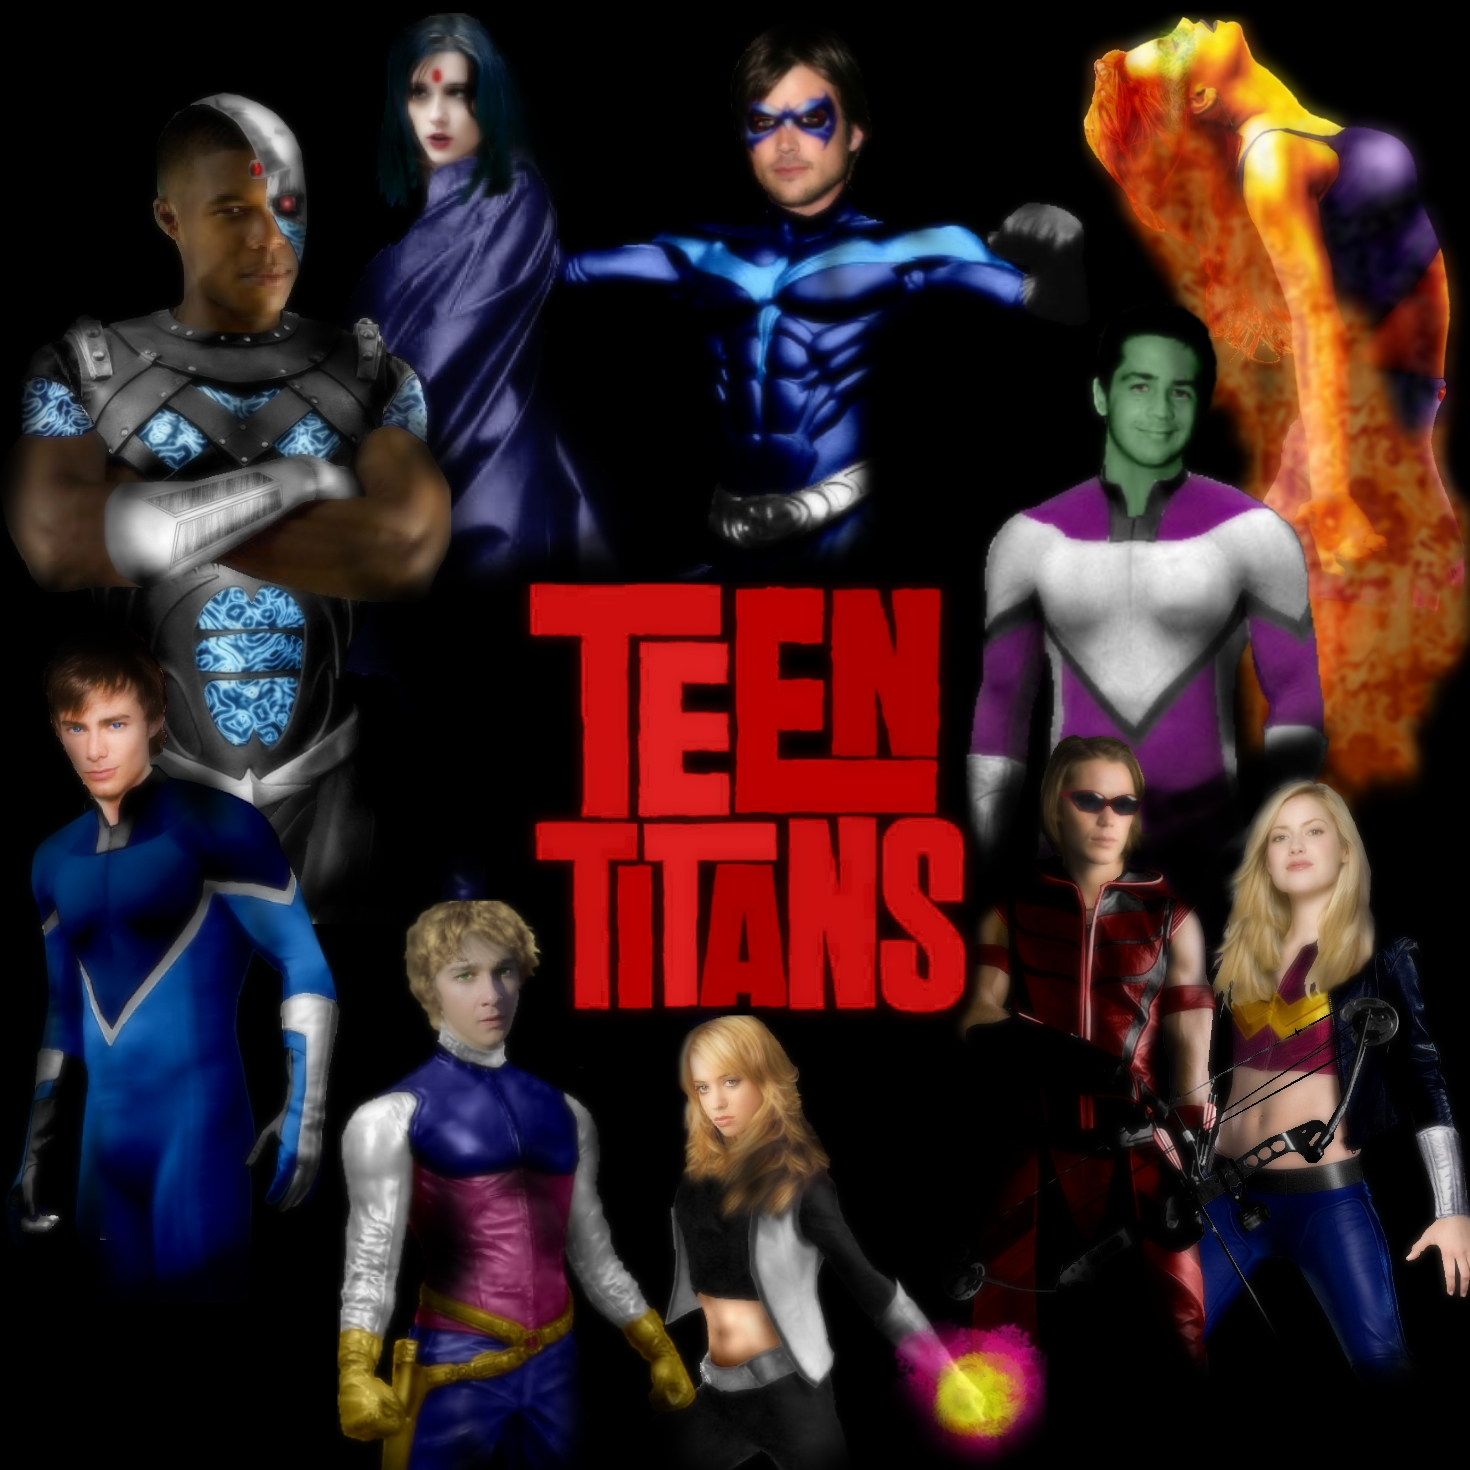 Teen Titans Tentacles - XVIDEOSCOM